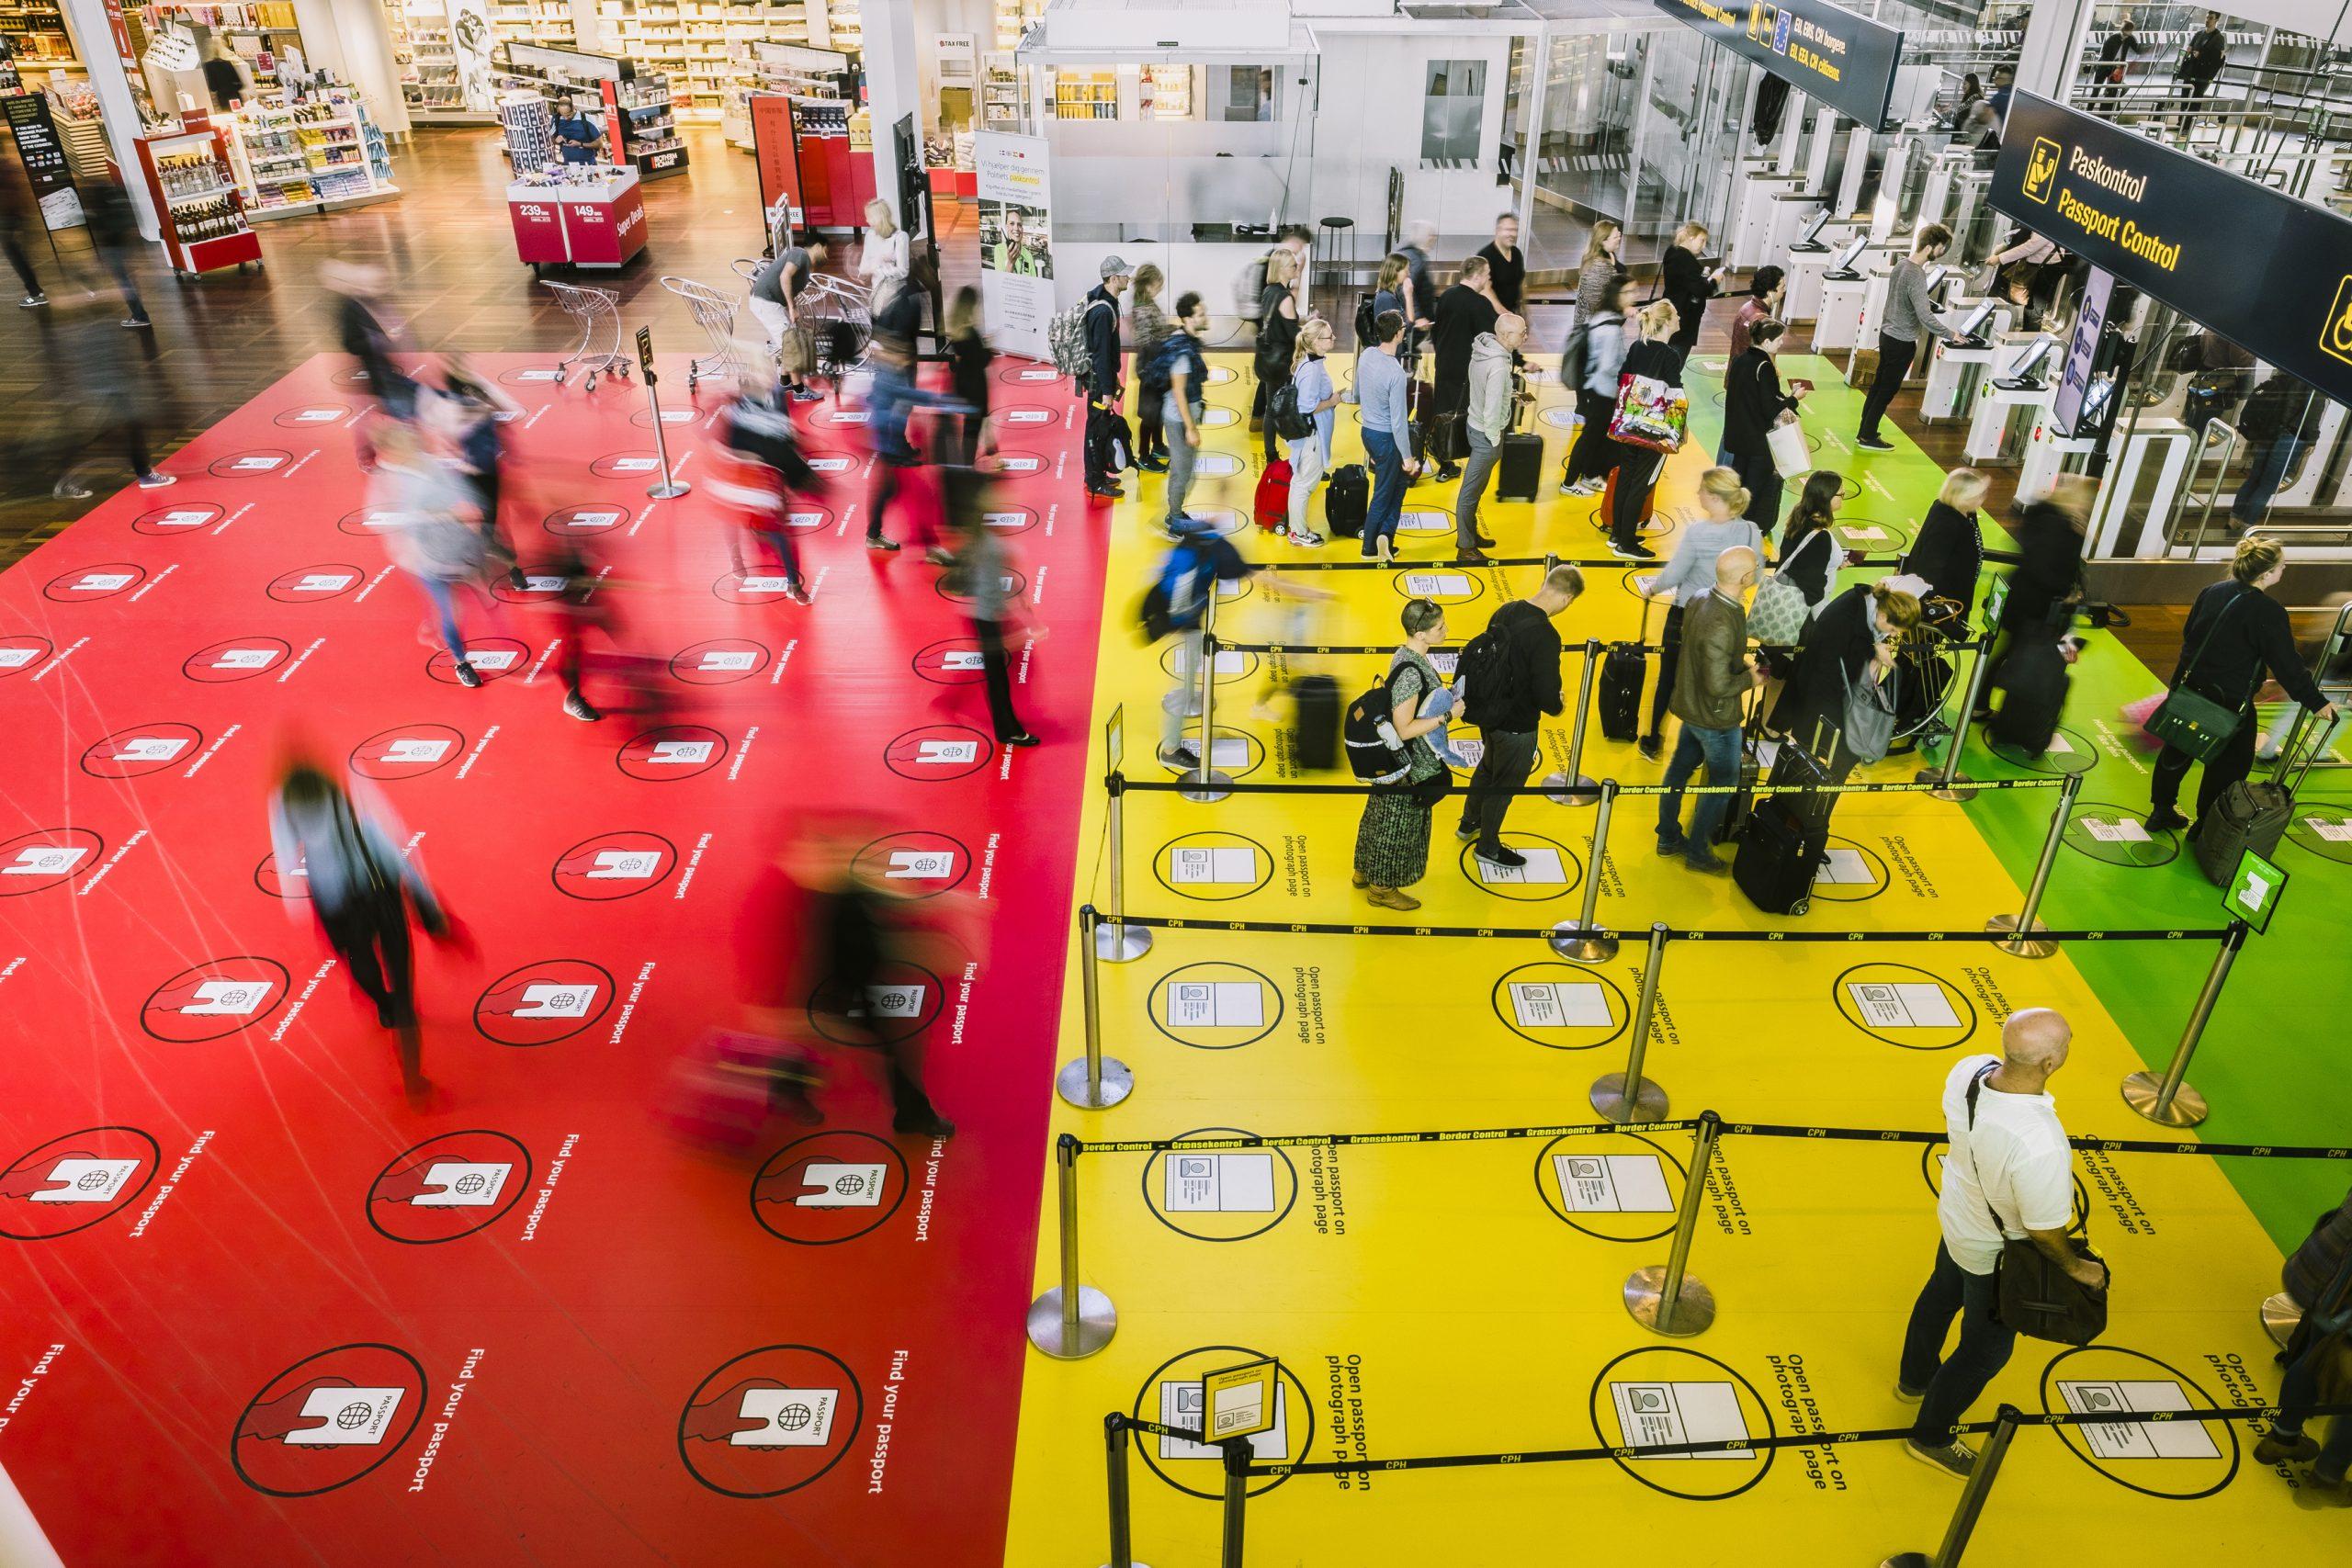 Der kan begynde at blive fyldt ved paskontrollen til sommer for rejser ud i Europa, mens der ser tungere ud for rejser udenfor Europa, vurderer eksperter overfor TV 2. Arkivpressefoto fra Københavns Lufthavn: Jasper Carlberg.